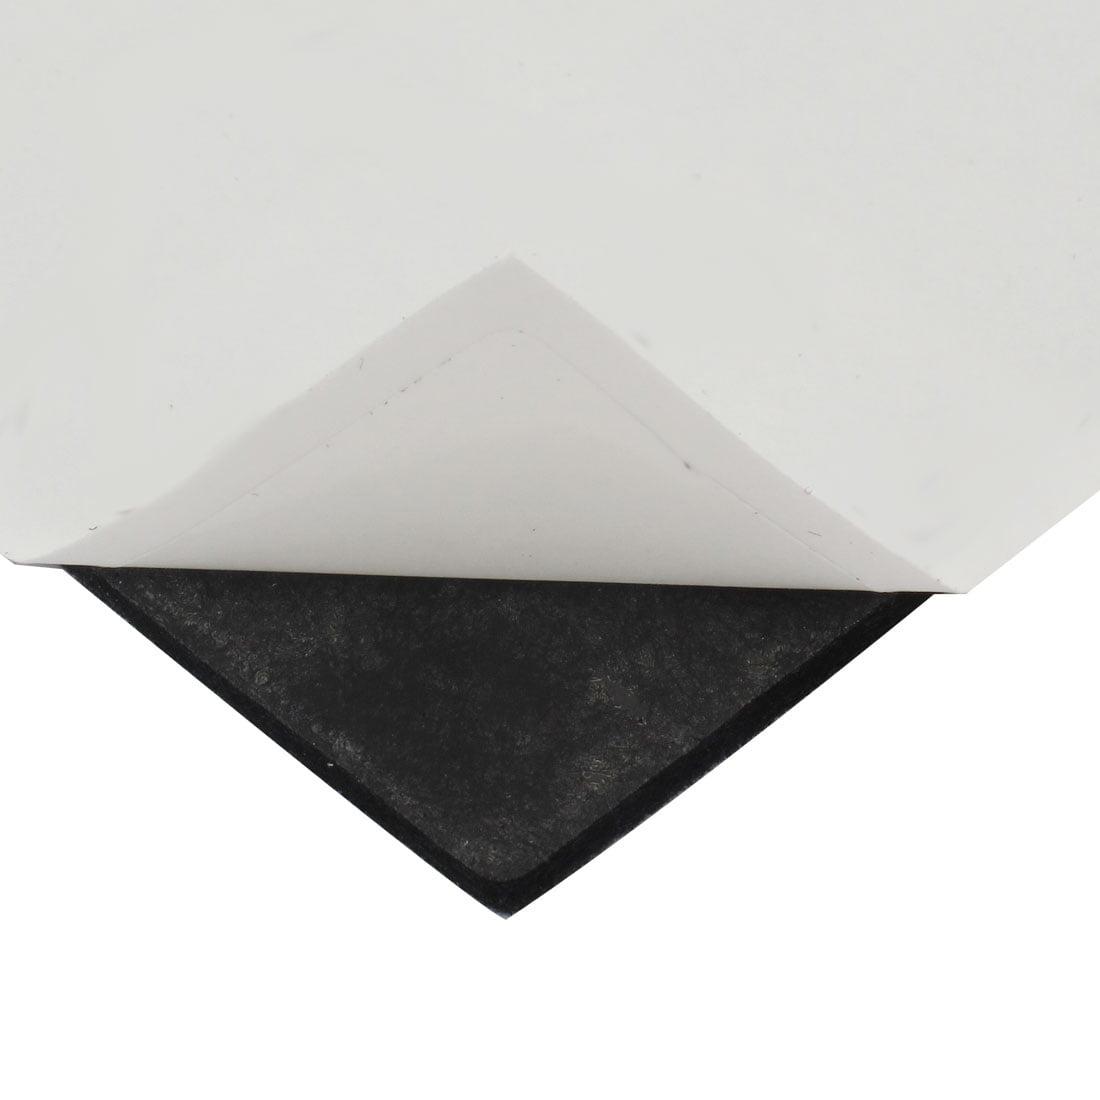 Table Square Anti Slip Self Furniture Felt Pads Cover Black 38 x 38mm 112pcs - image 1 of 2